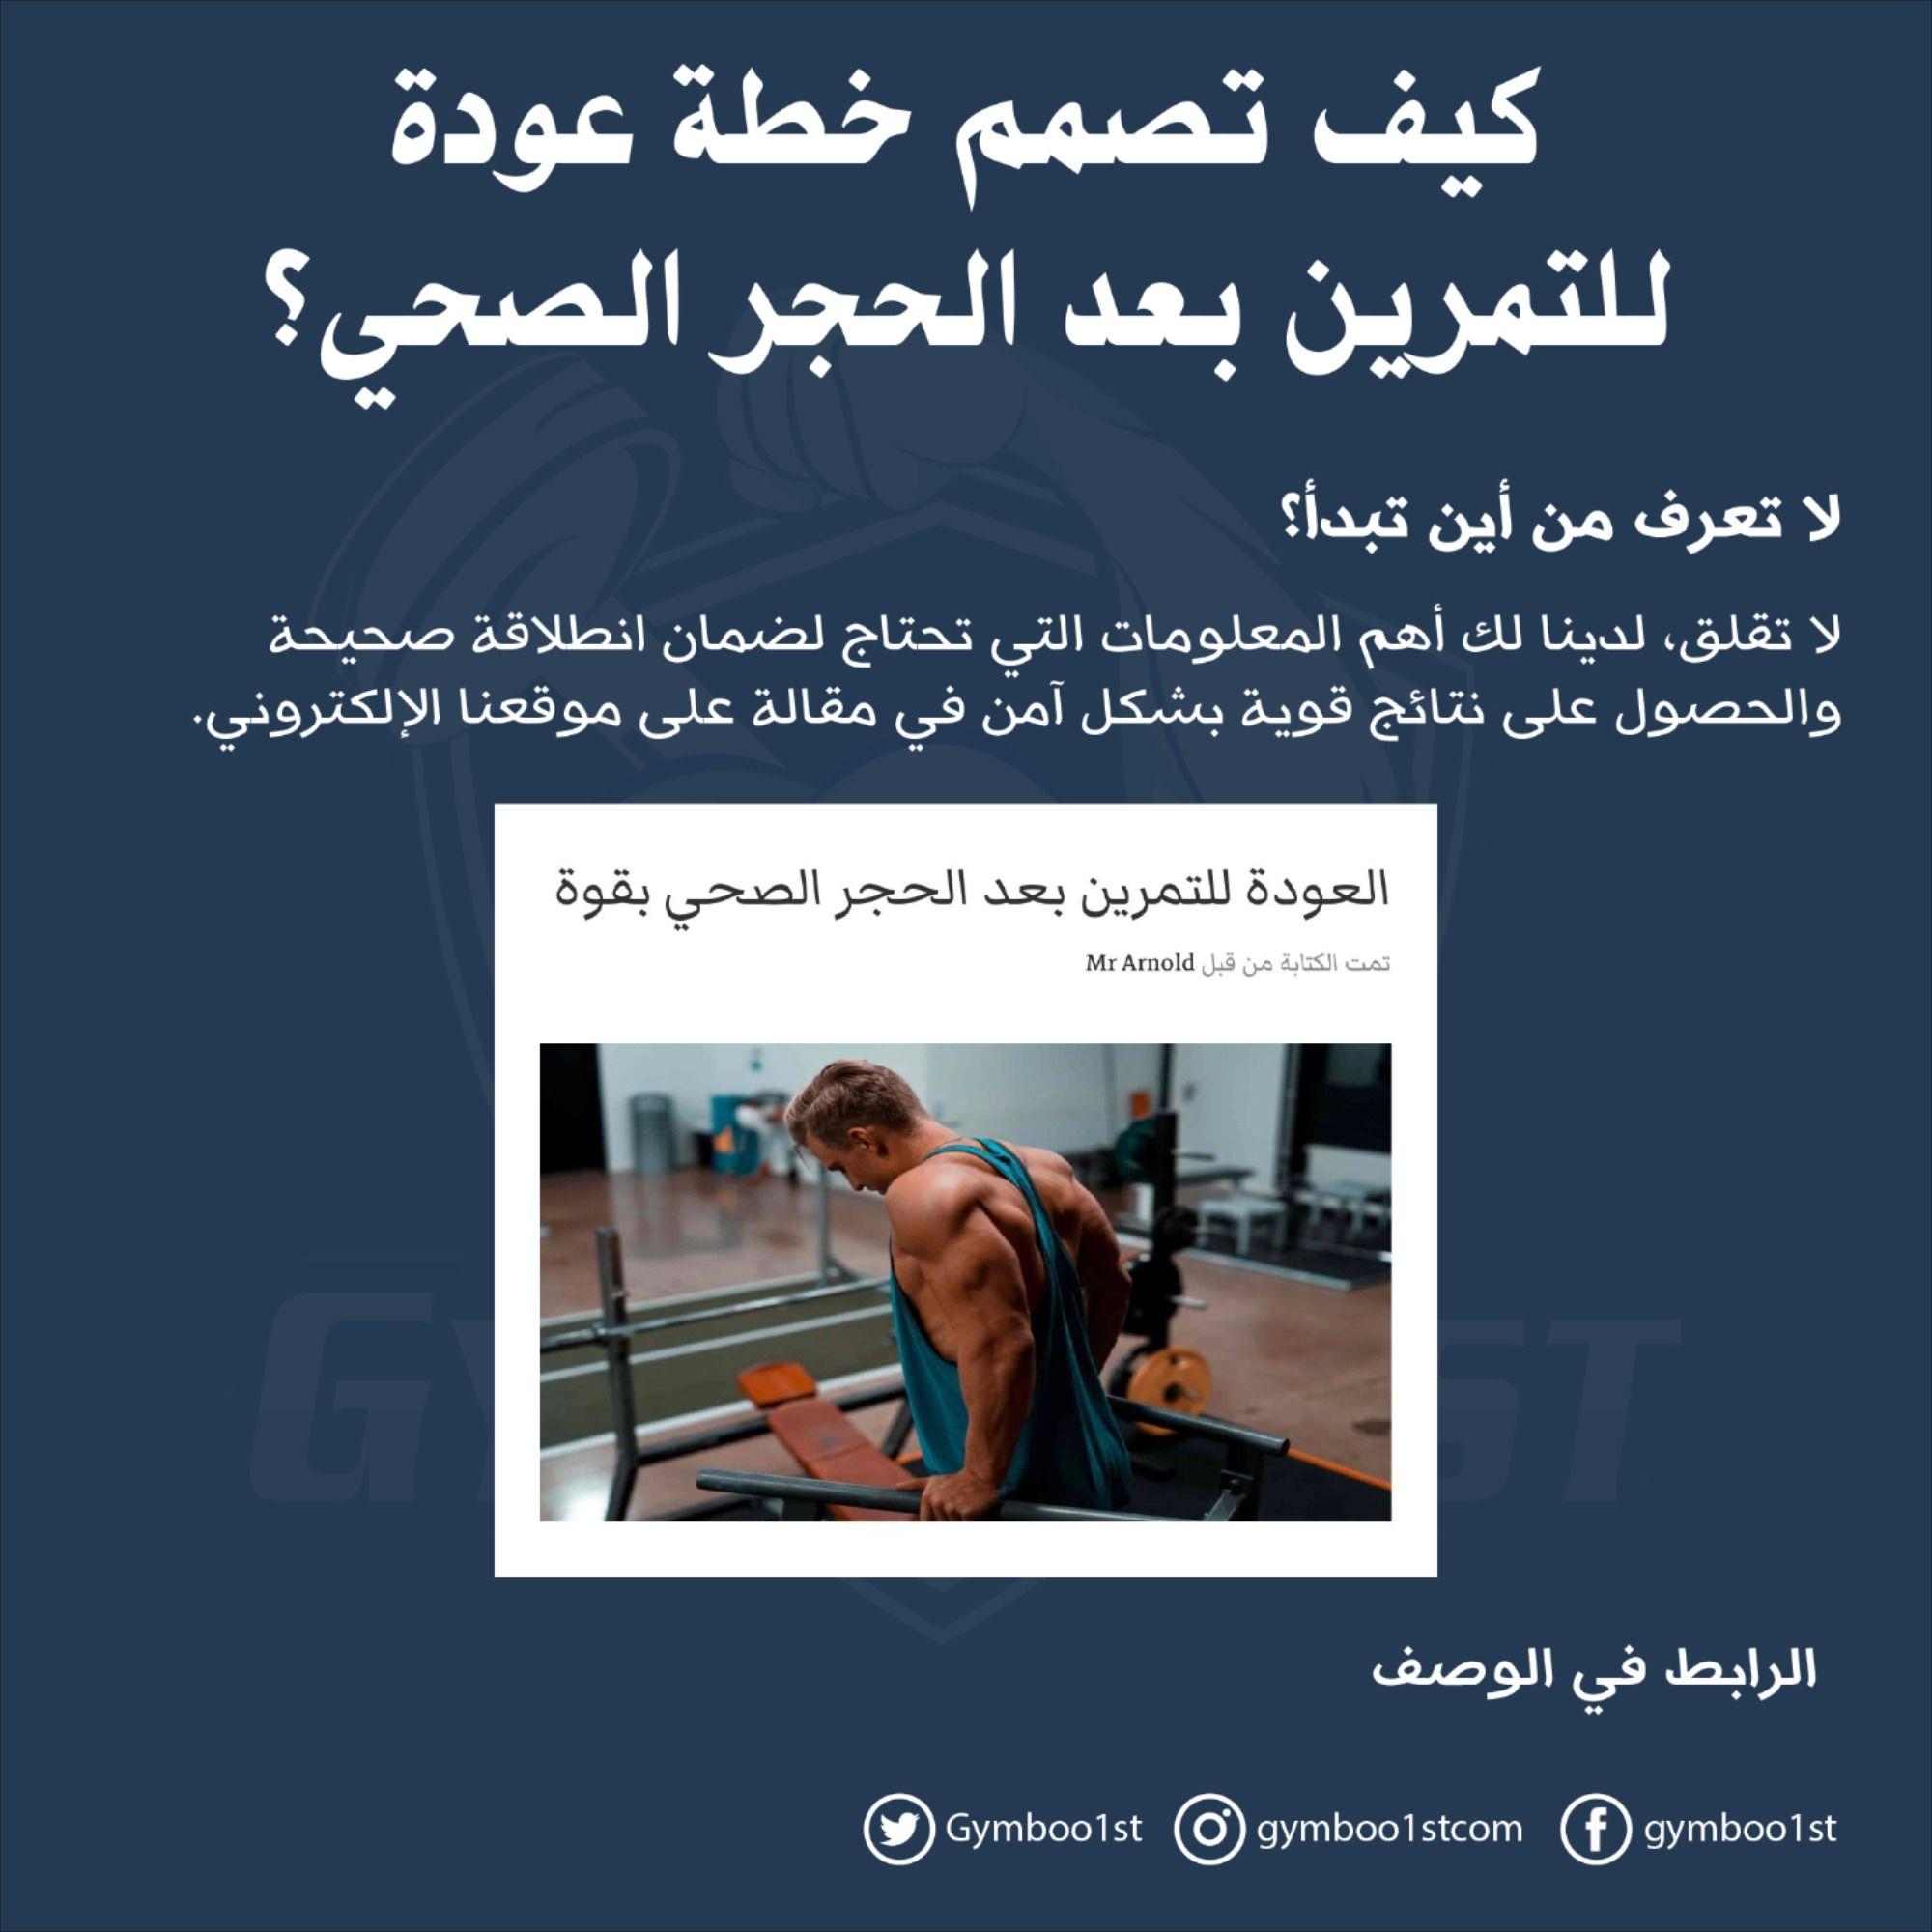 العودة للتمرين بعد الحجر الصحي Health Fitness Nutrition Fitness Nutrition Health Fitness